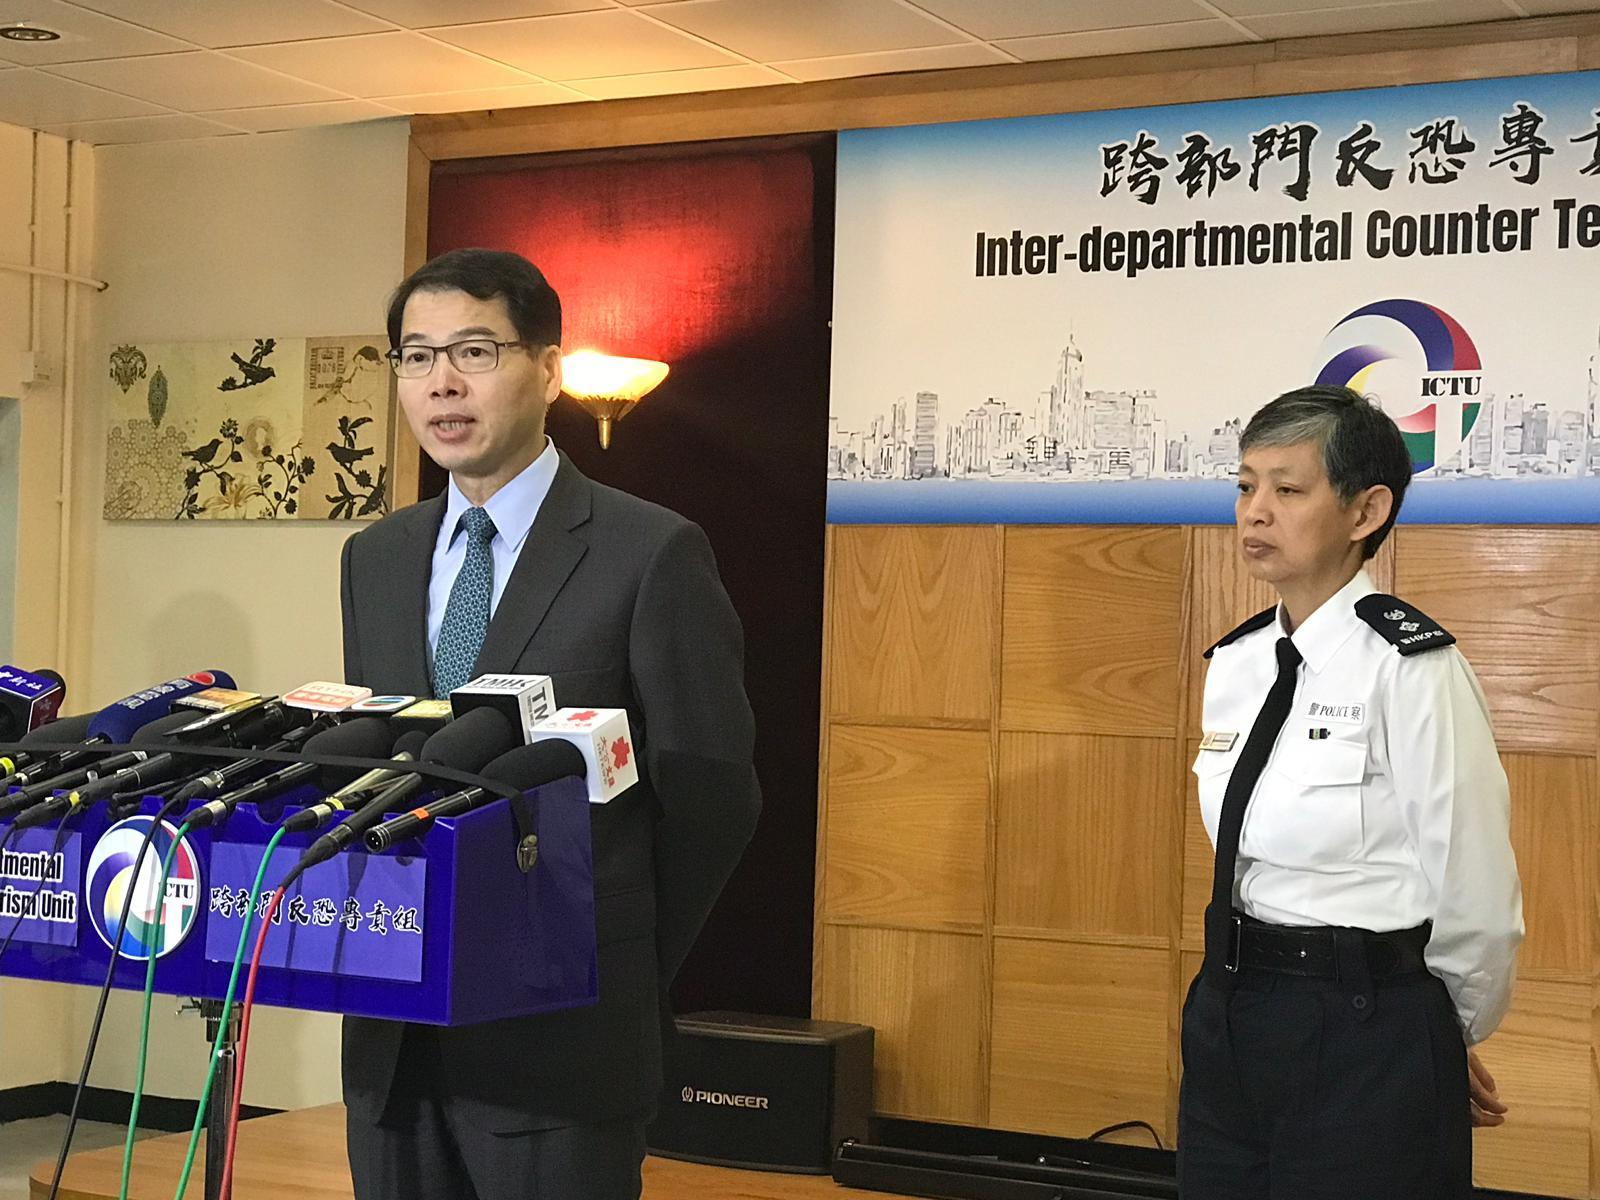 区志光指香港恐袭级别维持在中度。右为梁咏霜。